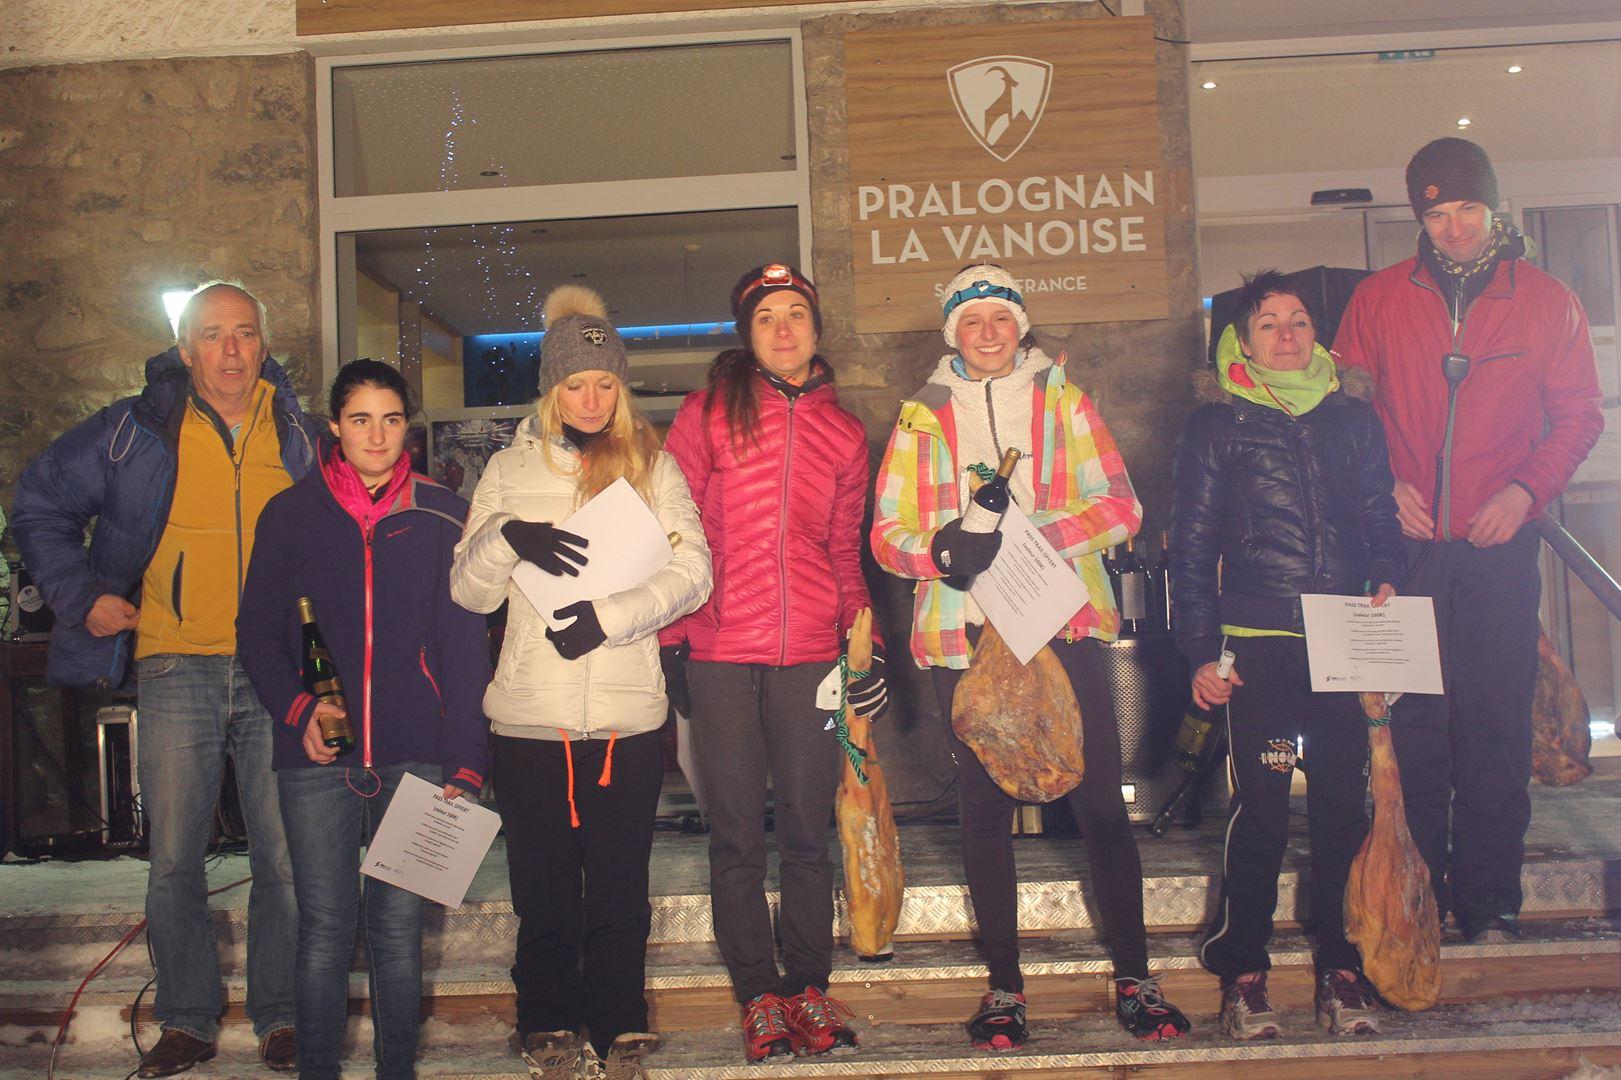 podium femmes du 8km - RESULTATS, COMMENTAIRES, PHOTOS DU TRAIL DE L'INUIT - PRALOGNAN LA VANOISE 73 - 21-01-2017